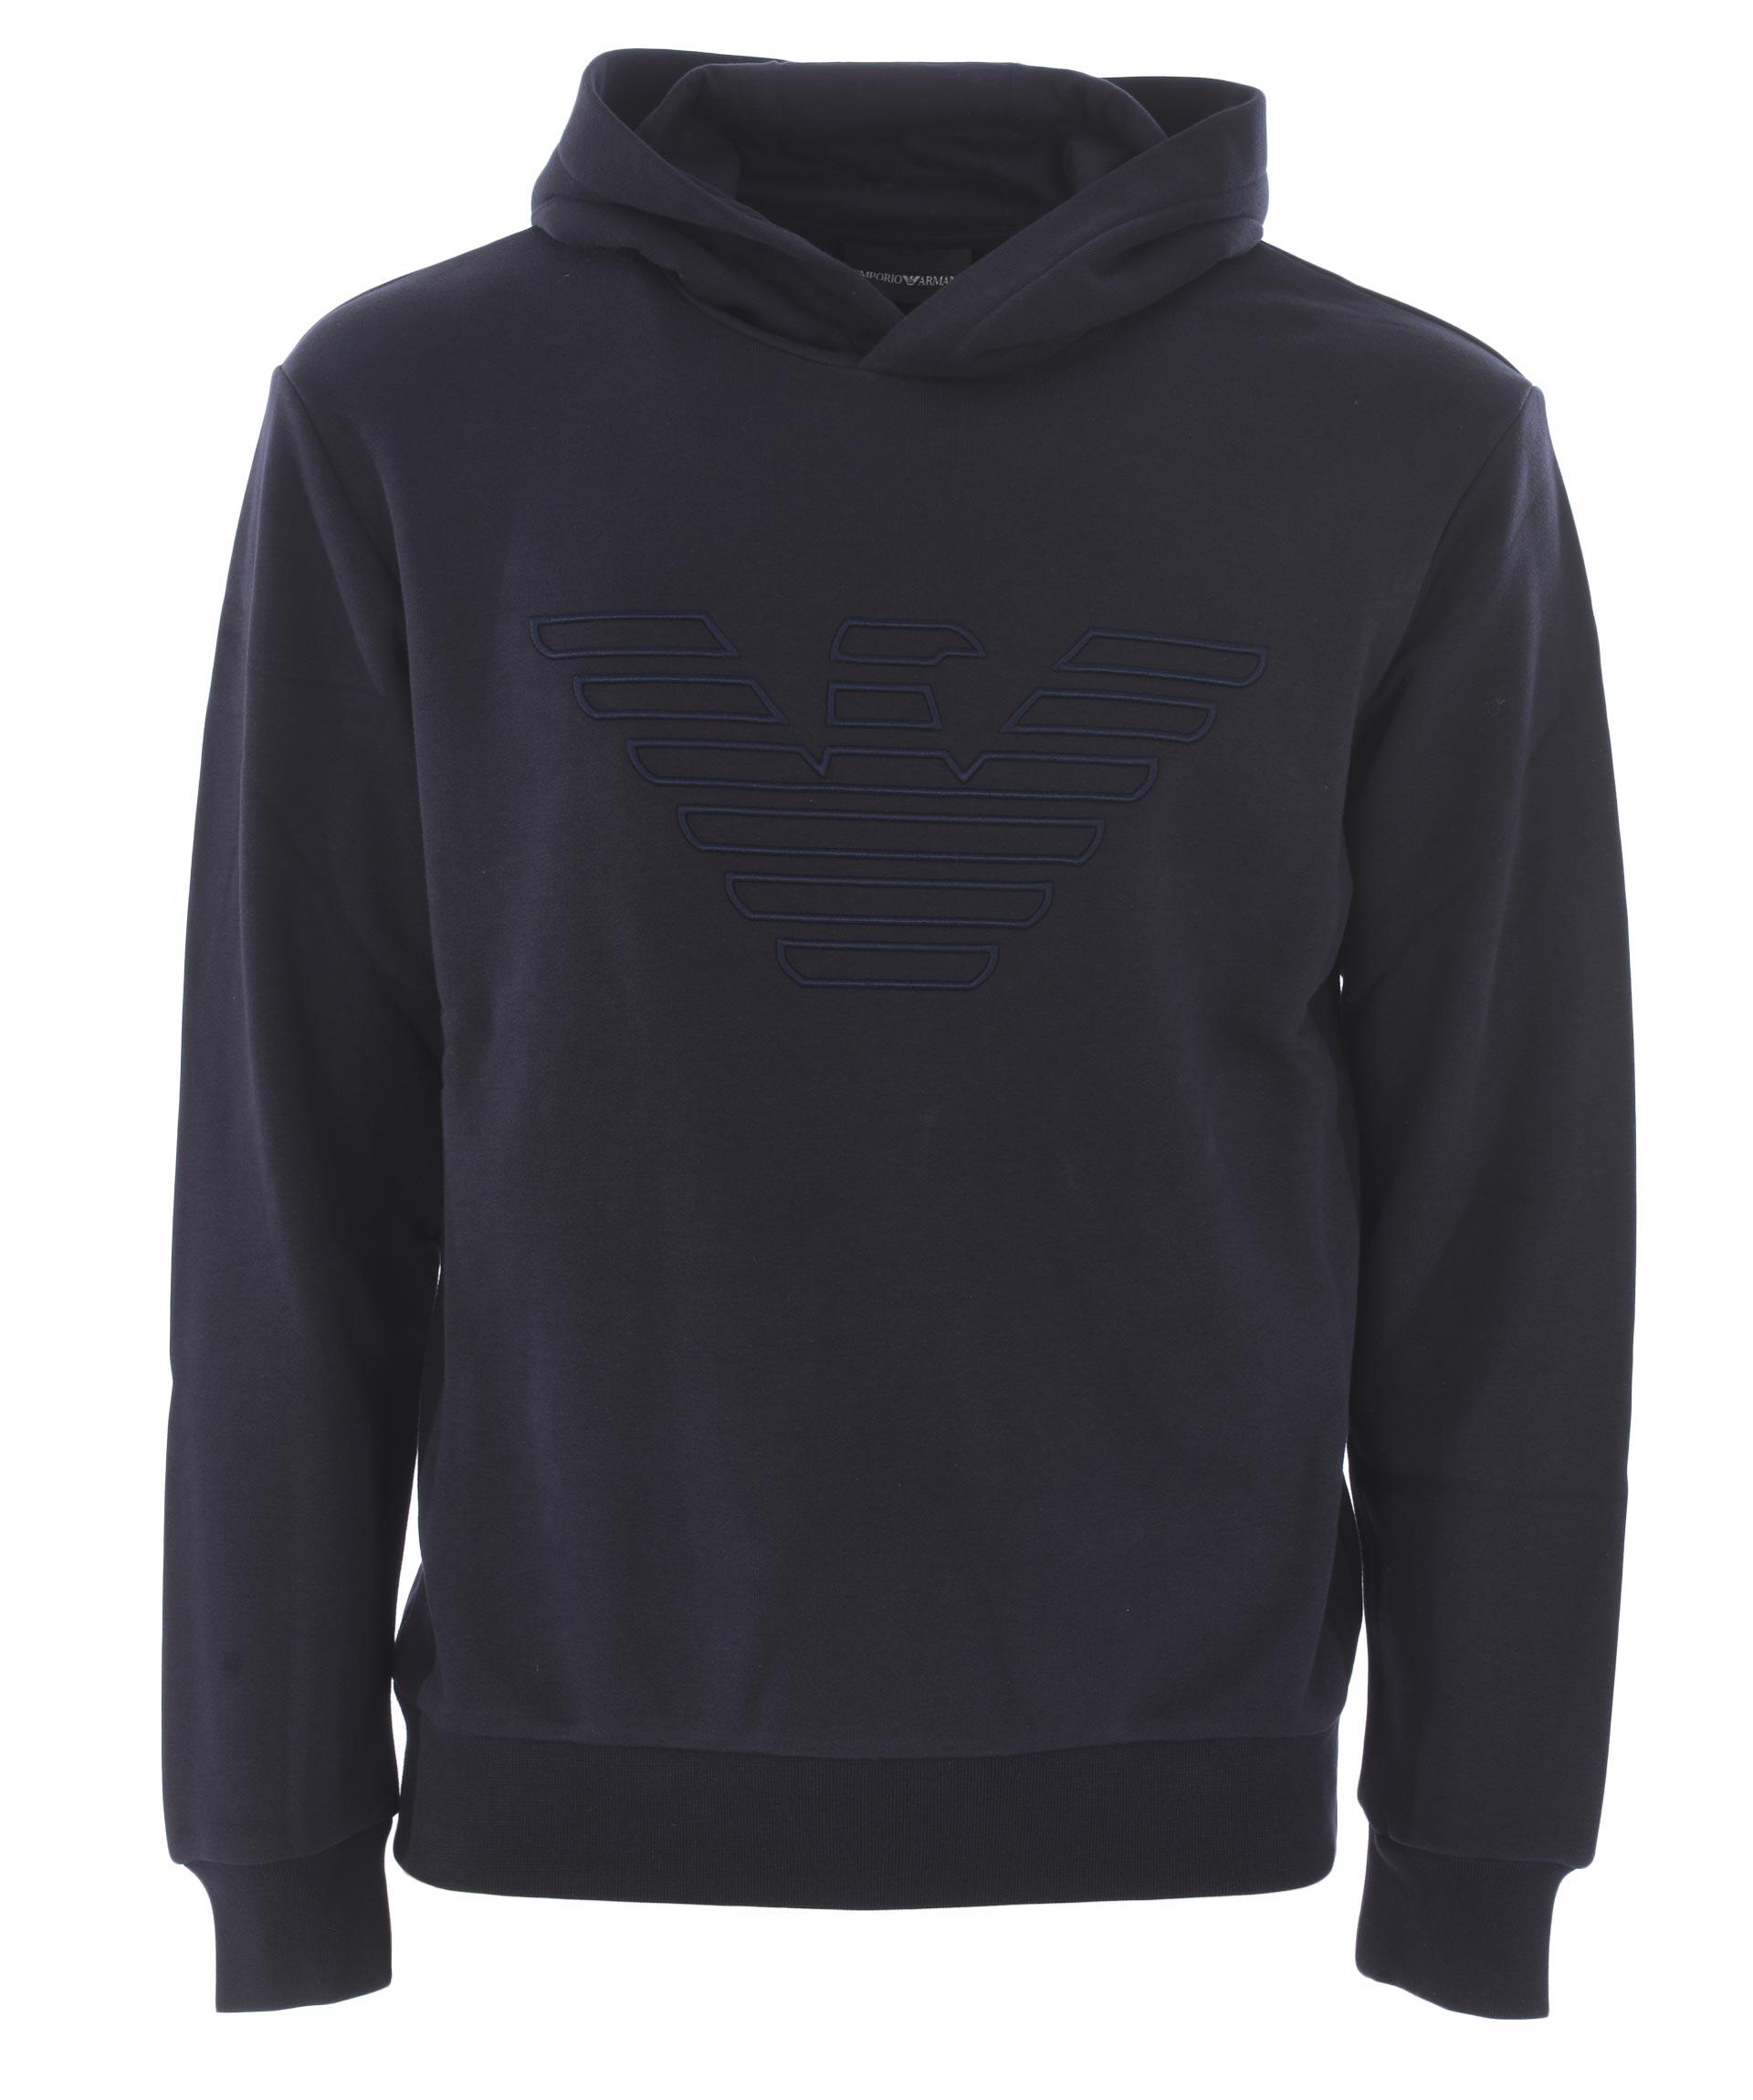 Emporio Armani sweatshirt in dark blue cotton blend.